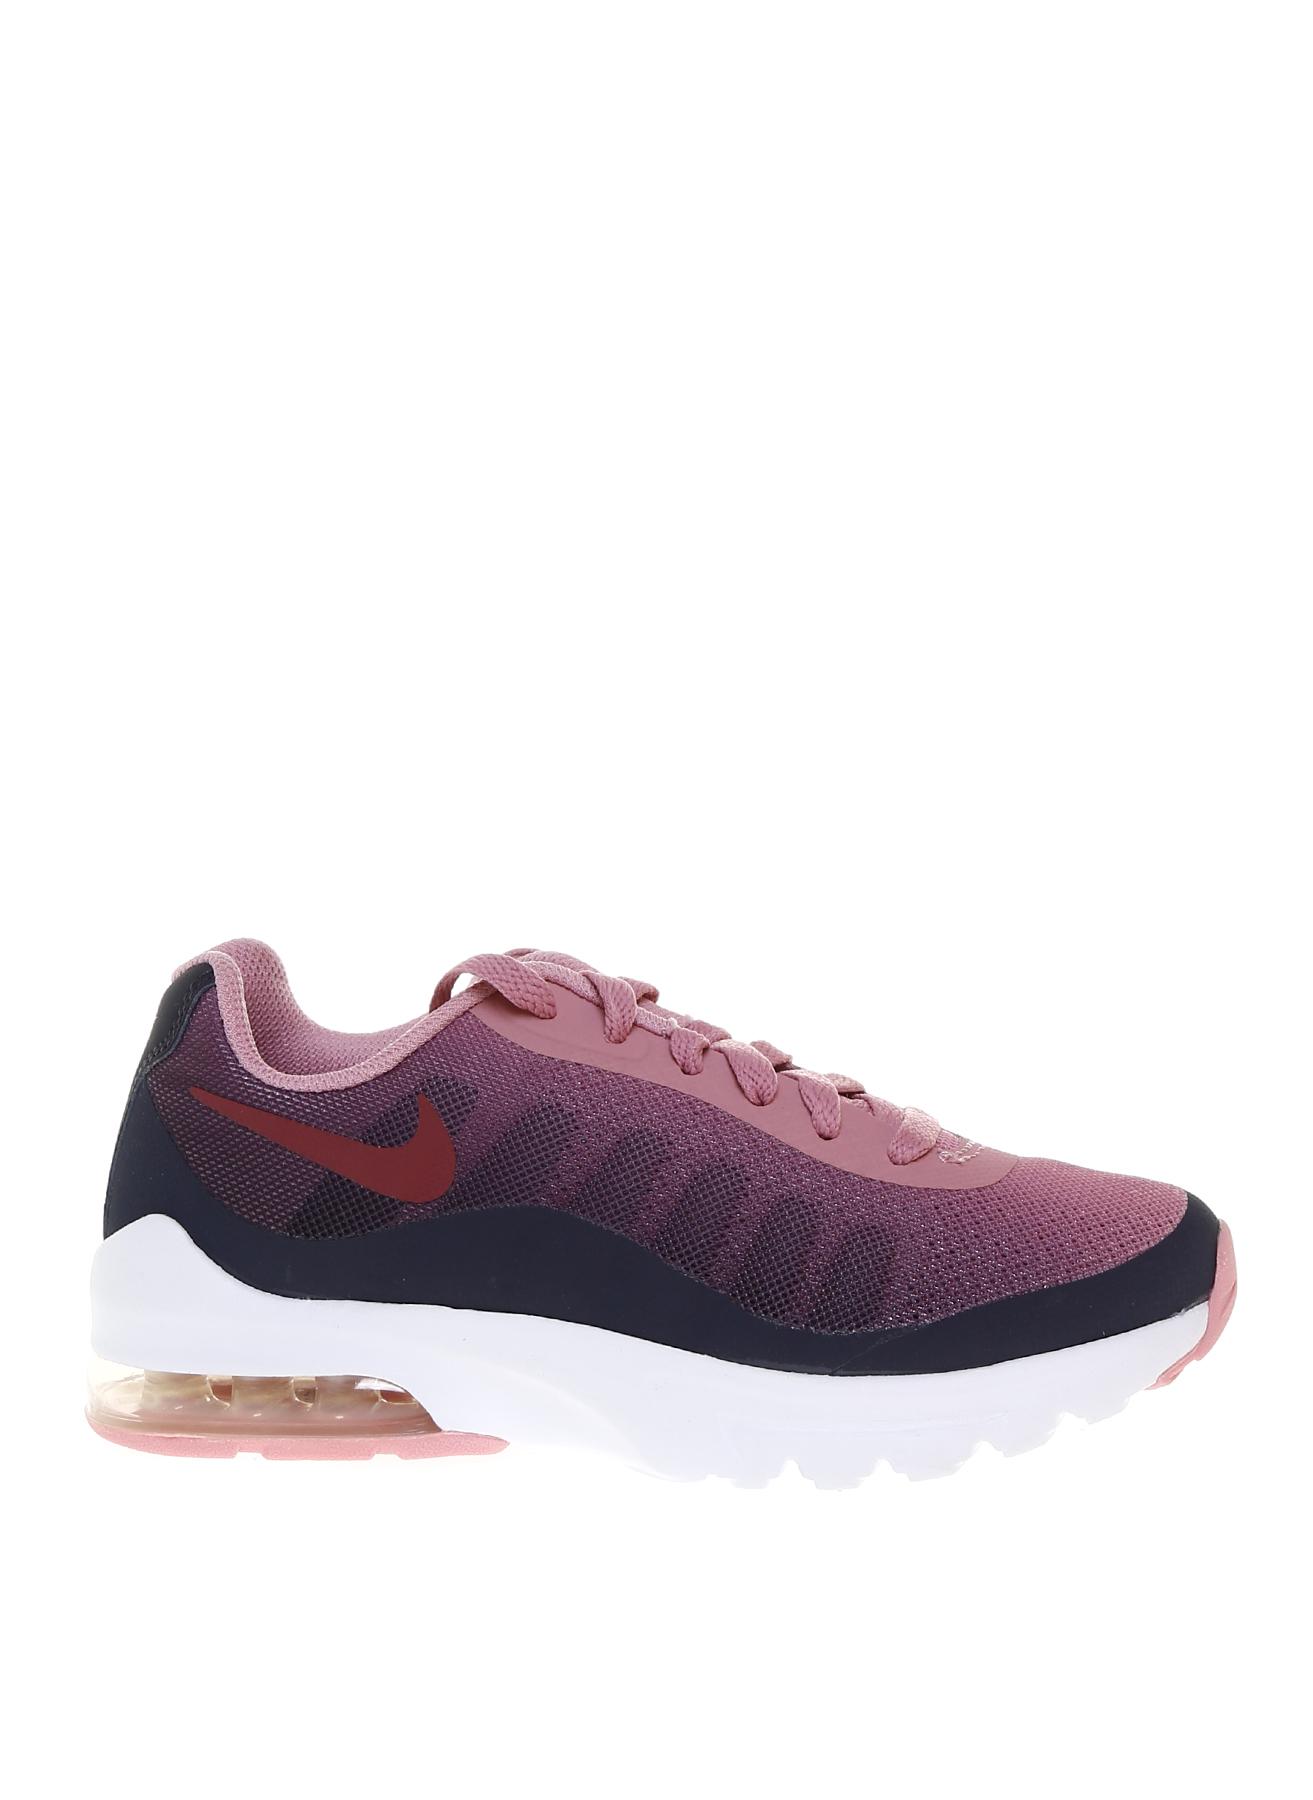 Nike Yürüyüş Ayakkabısı 36.5 5001635470003 Ürün Resmi